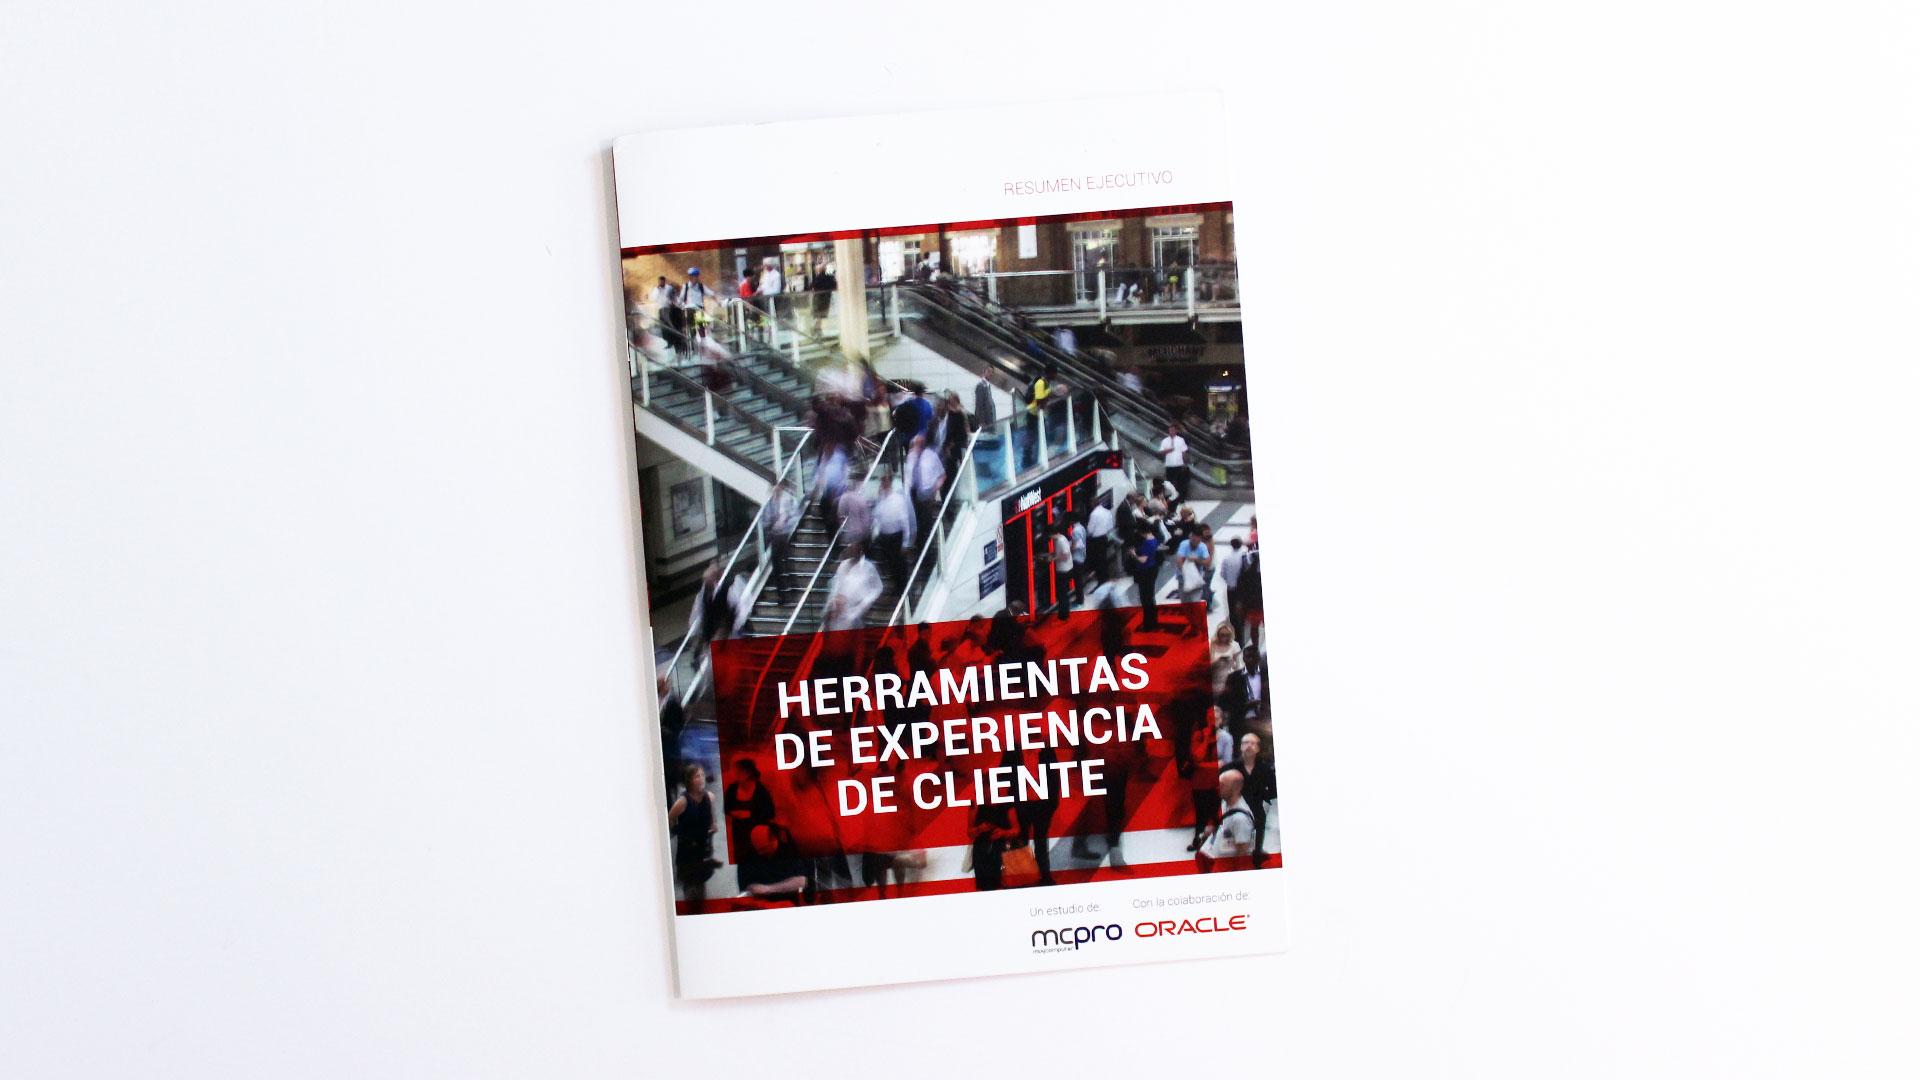 oracle-informe-ebook-content-marketing-evento-herramientas-experiencia-clienye-2016-01